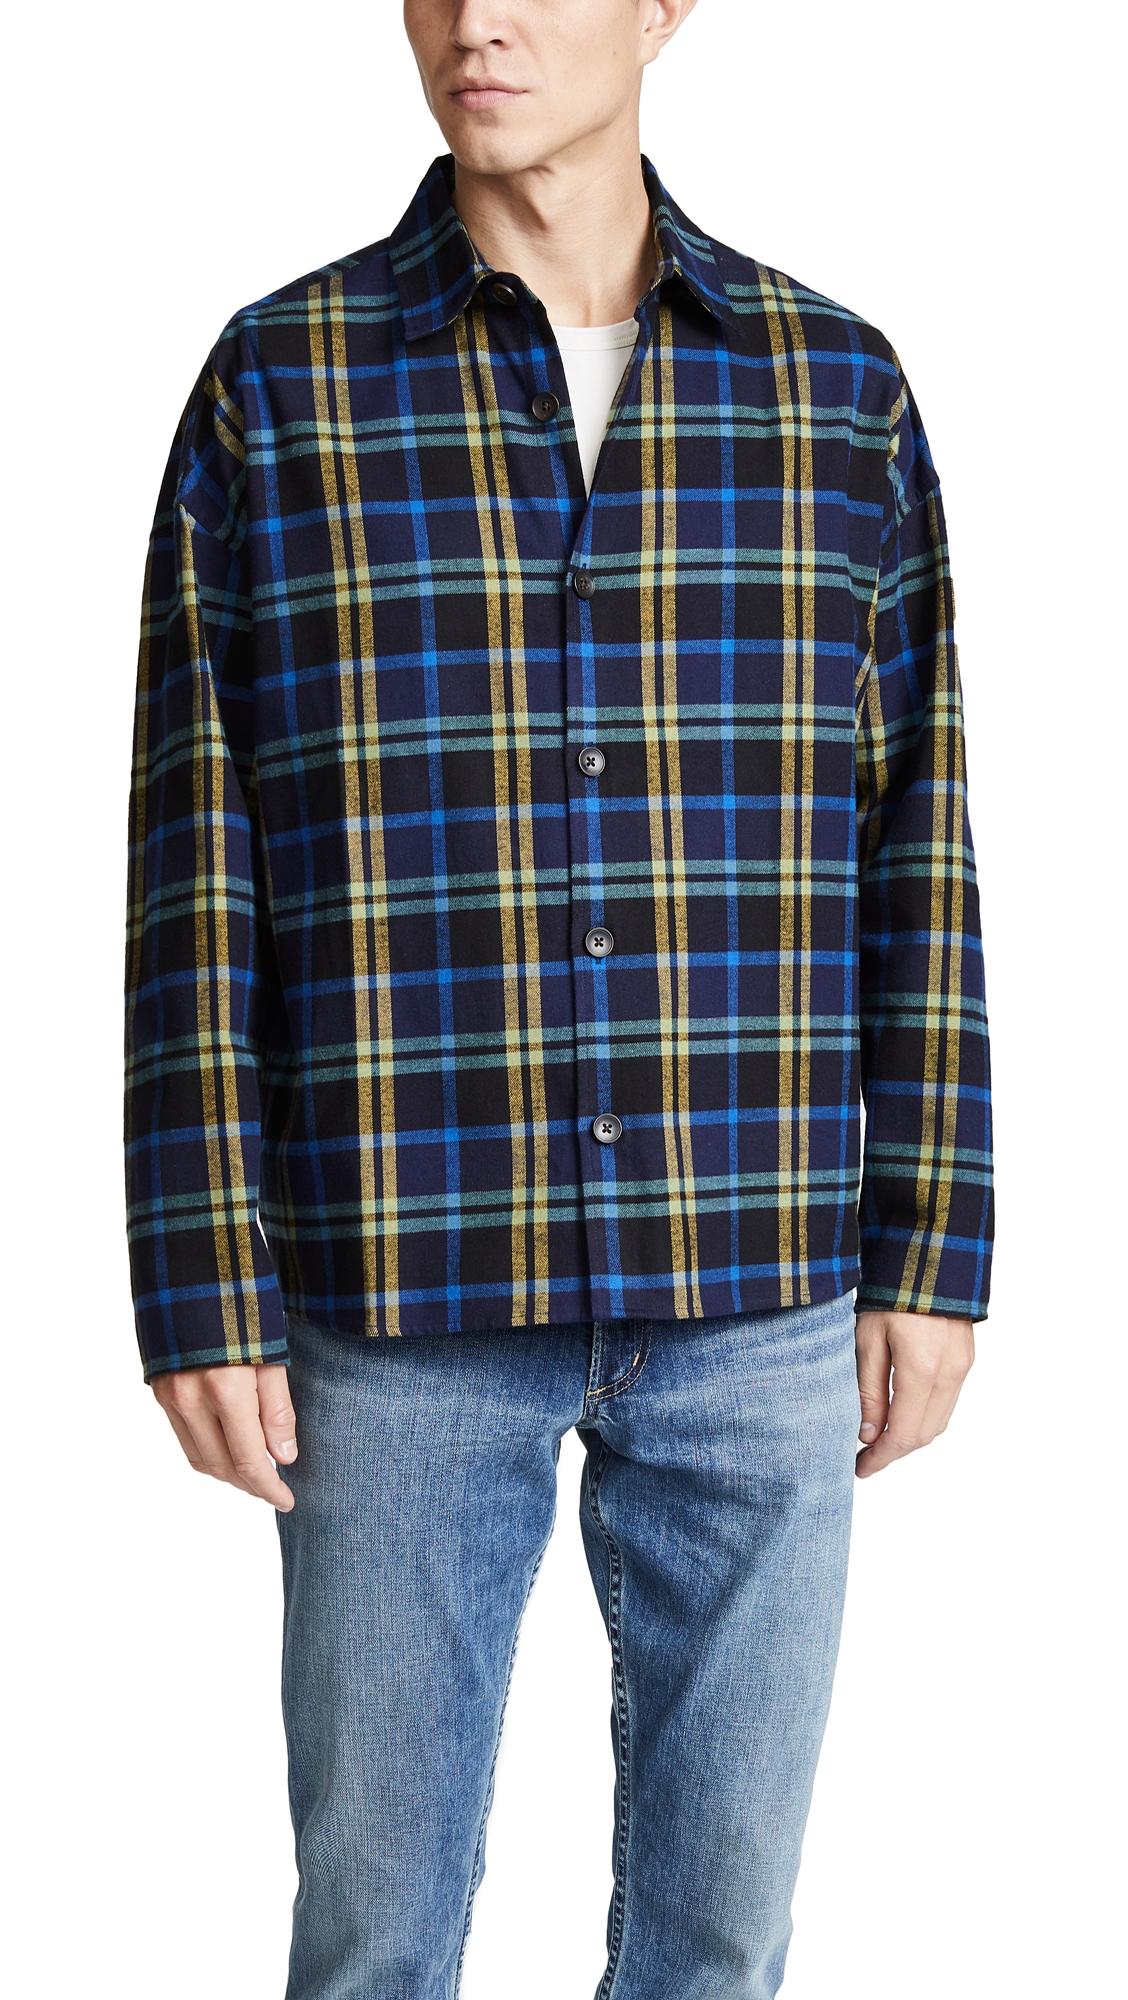 GUSTAV VON ASCHENBACH Boxy Plaid Flannel Shirt in Navy